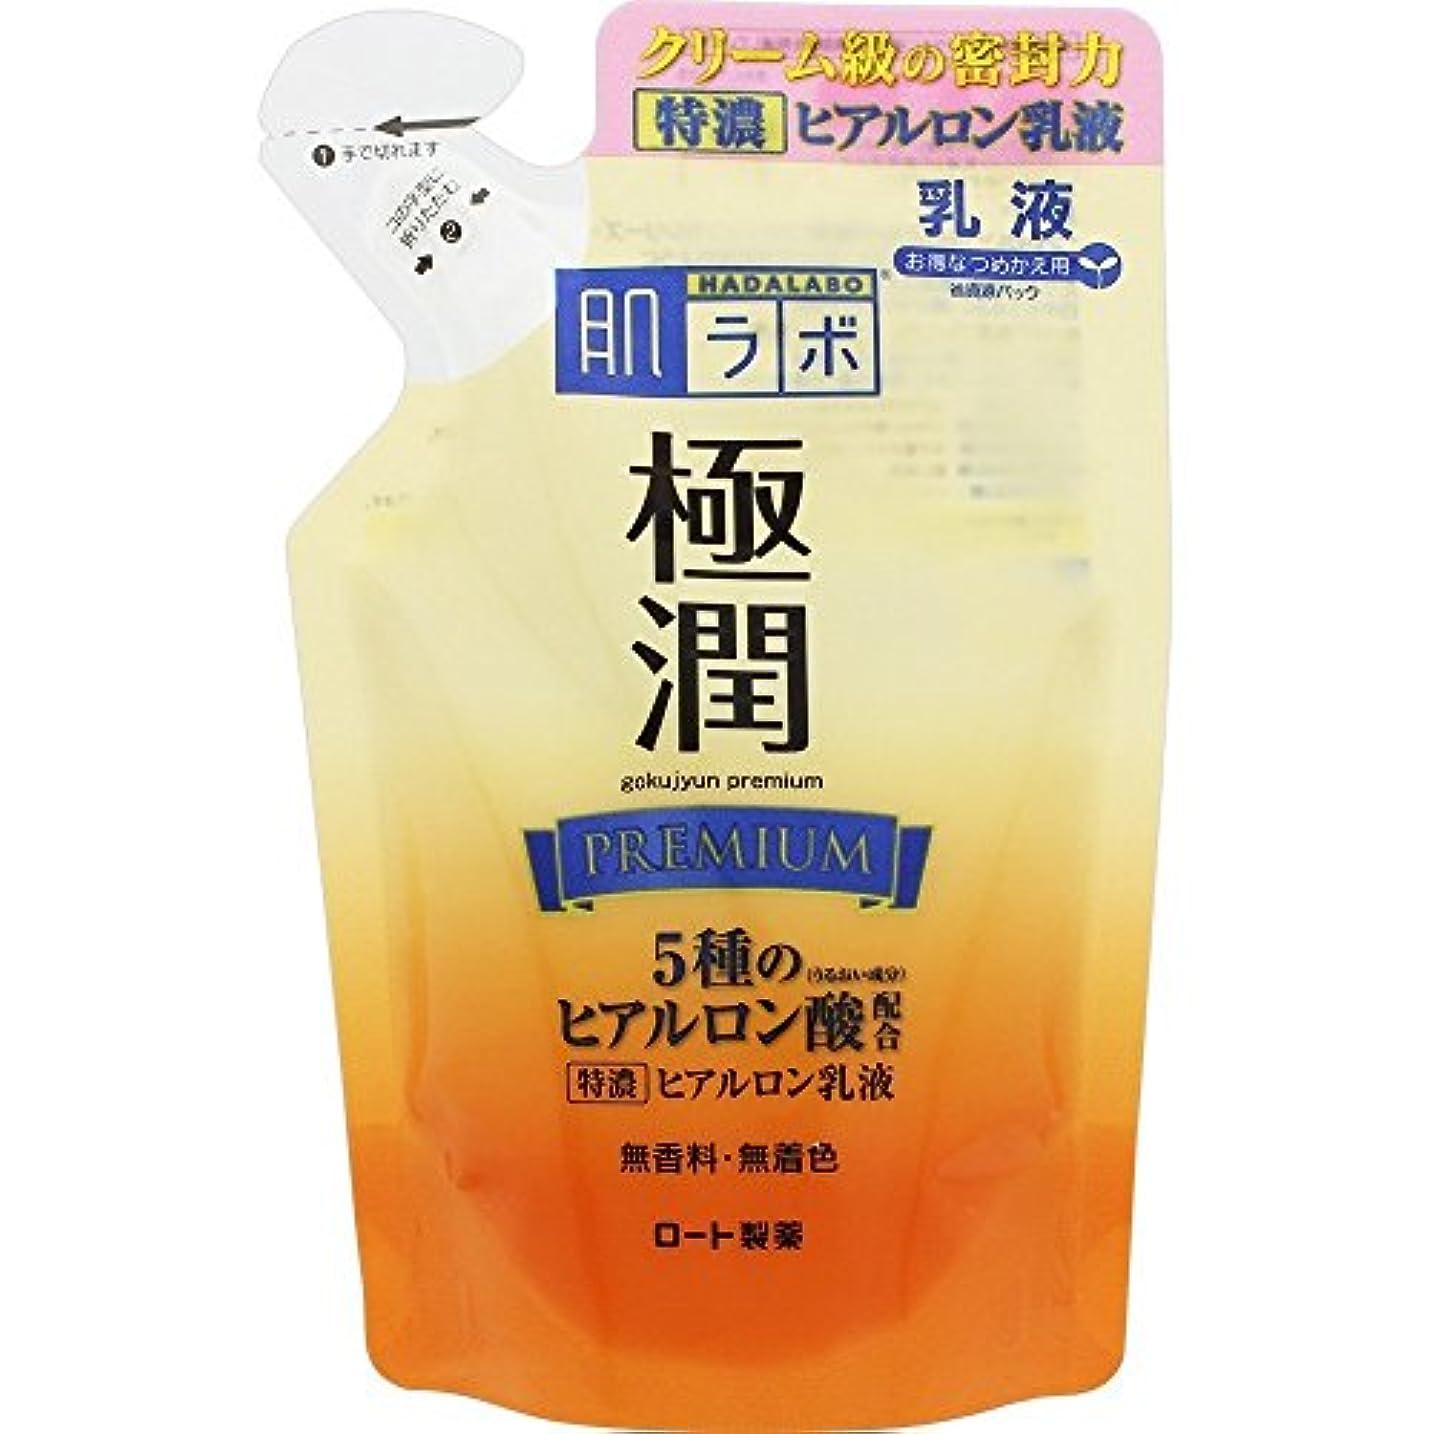 蒸発速記脆い肌ラボ 極潤プレミアム ヒアルロン乳液 <つめかえ用> 140mL